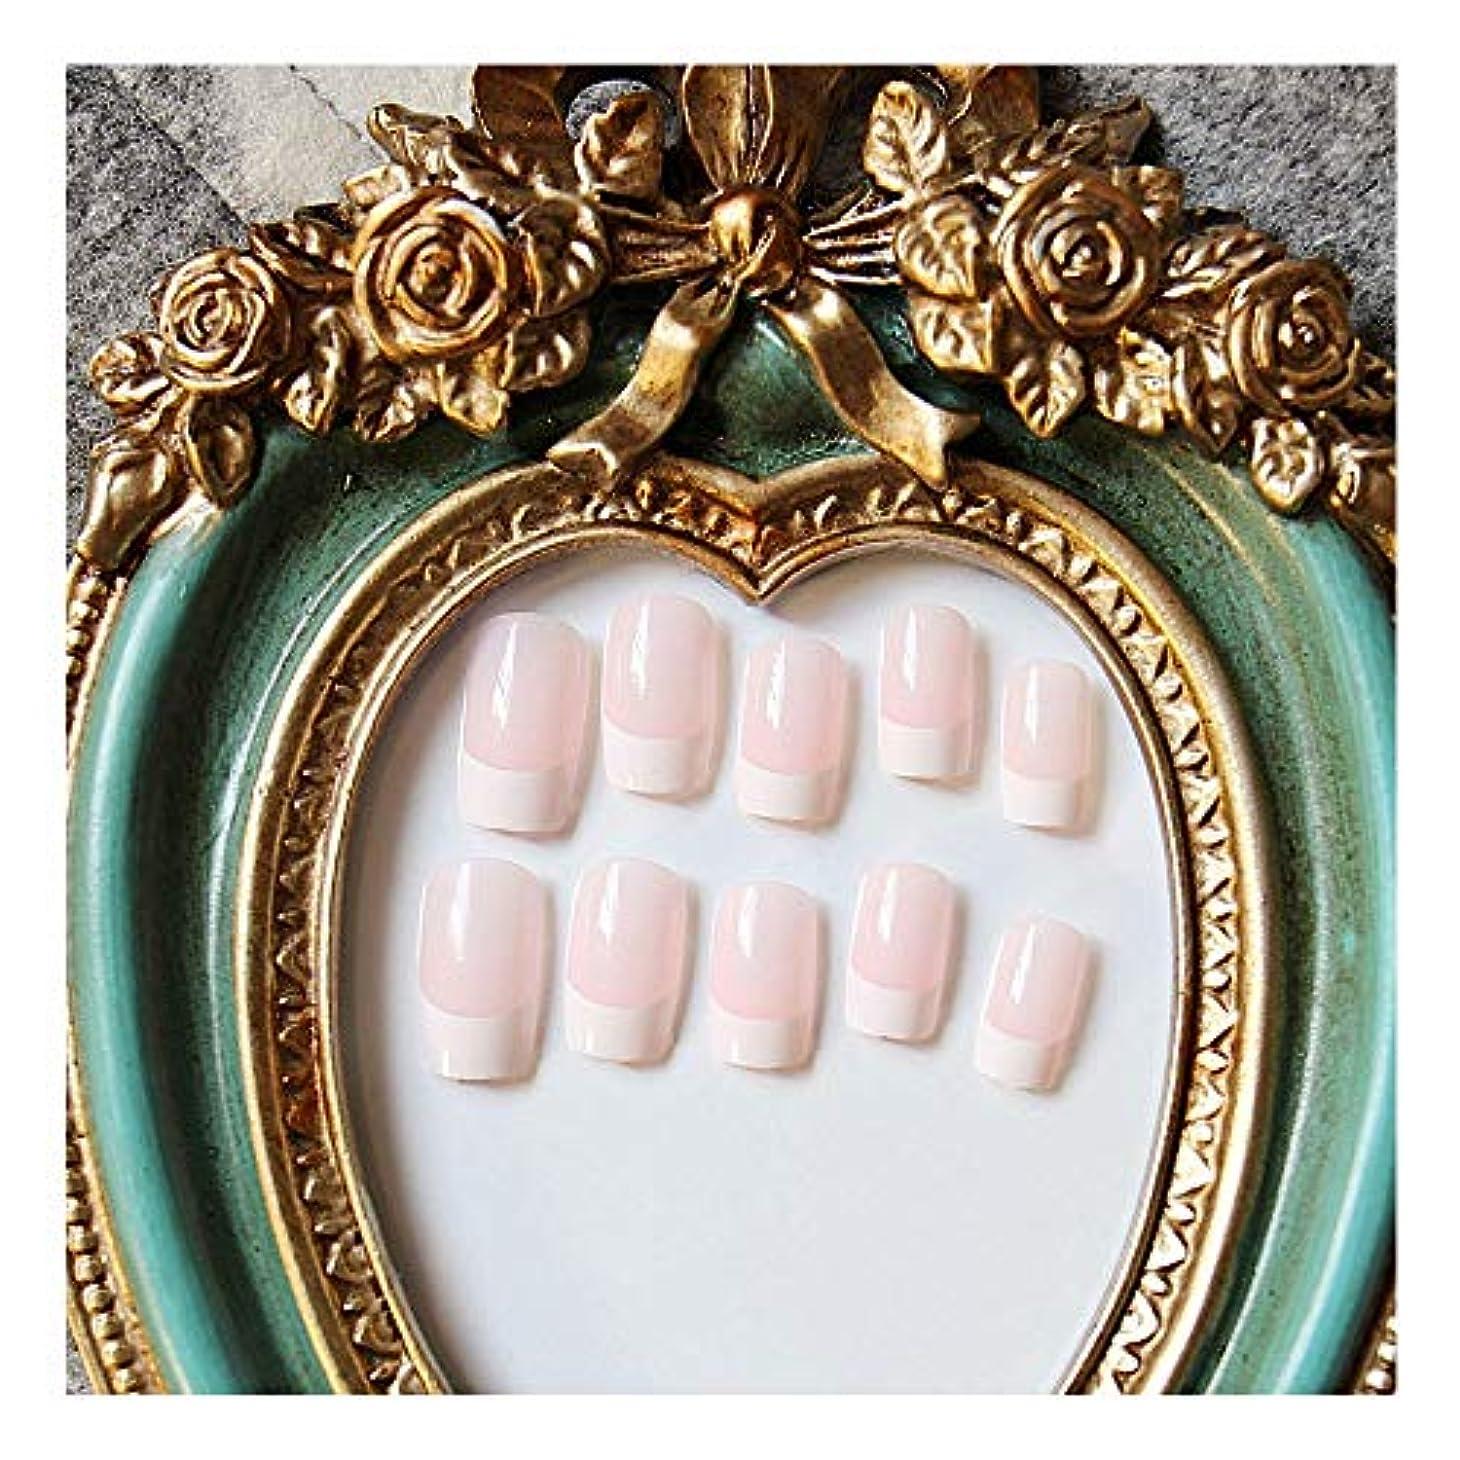 からかうコンソール女王HOHYLLYA ピンク+ホワイトフェイク釘ショートグルー完成ネイルアート偽の釘 (色 : 24 pieces)